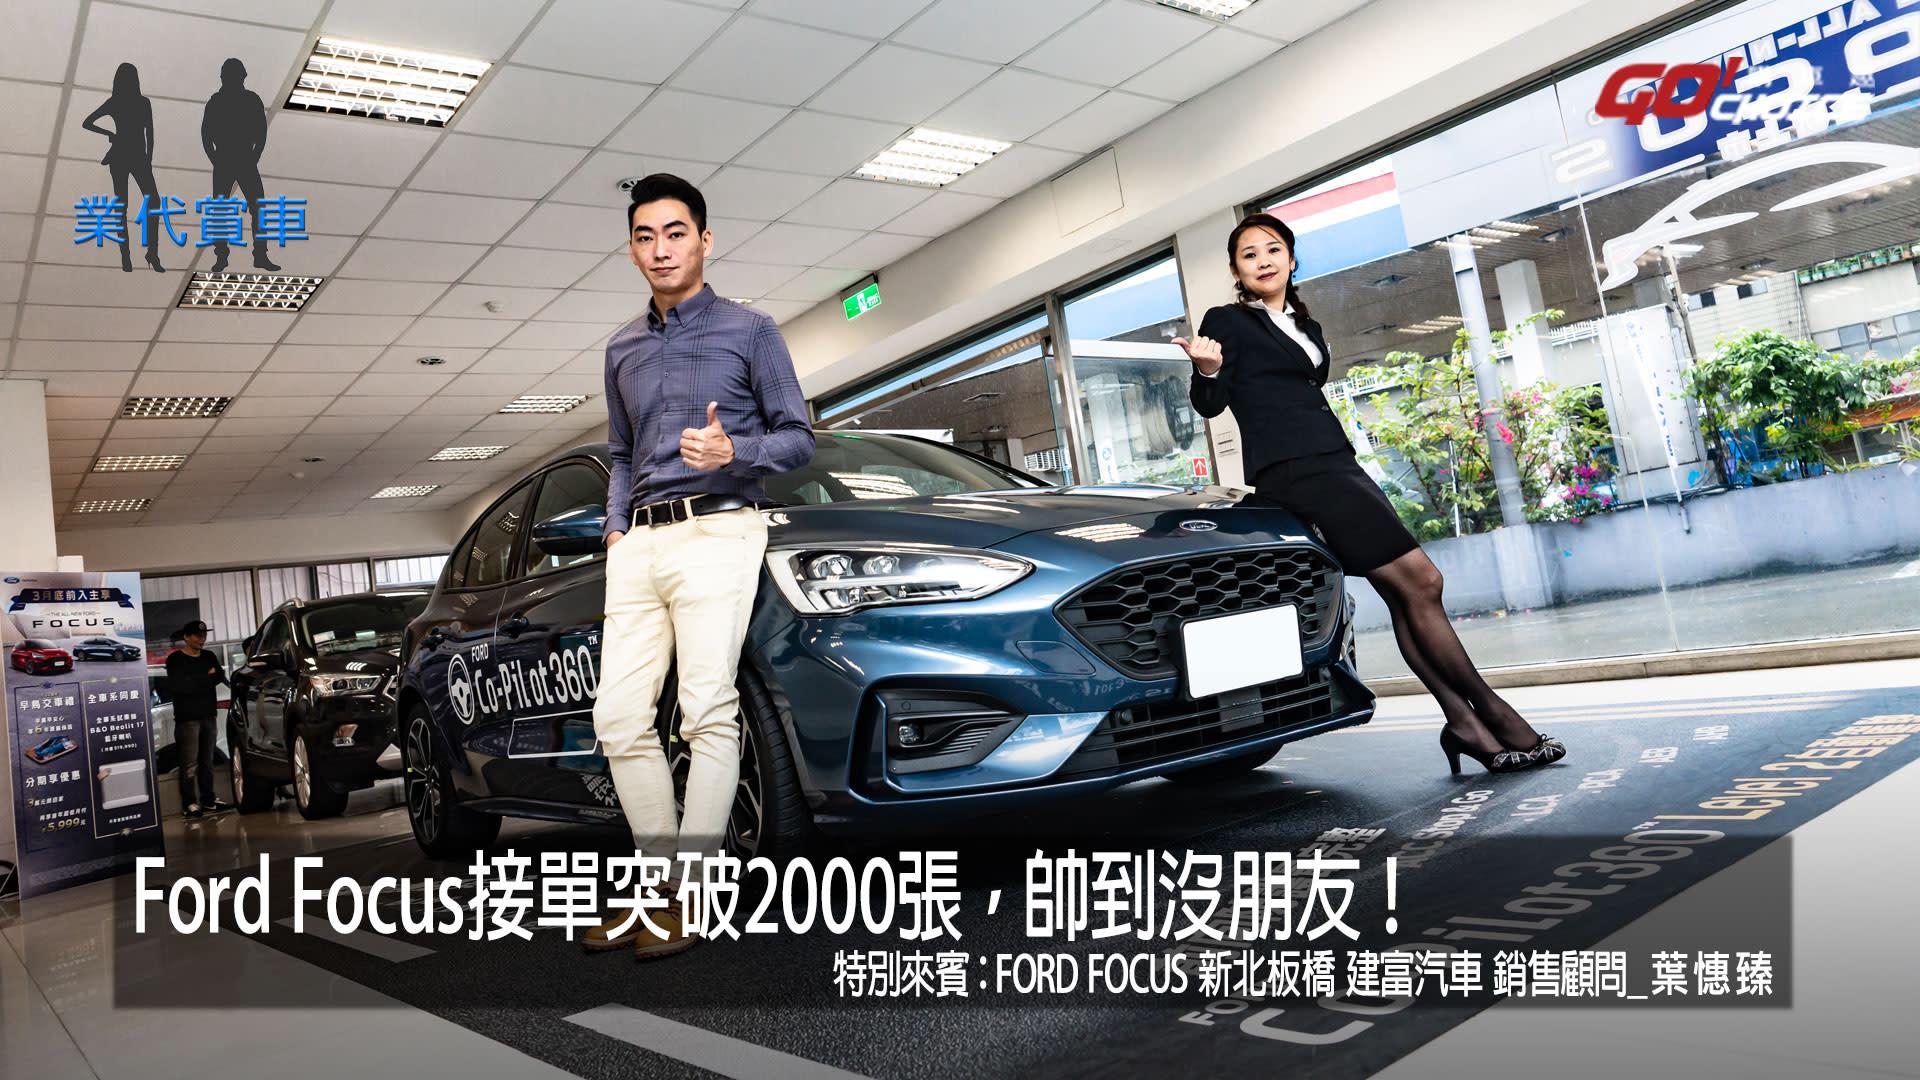 業代賞車-2019 Ford Focus ST line_特別來賓:Ford 新北 板橋-銷售顧問_葉憓臻